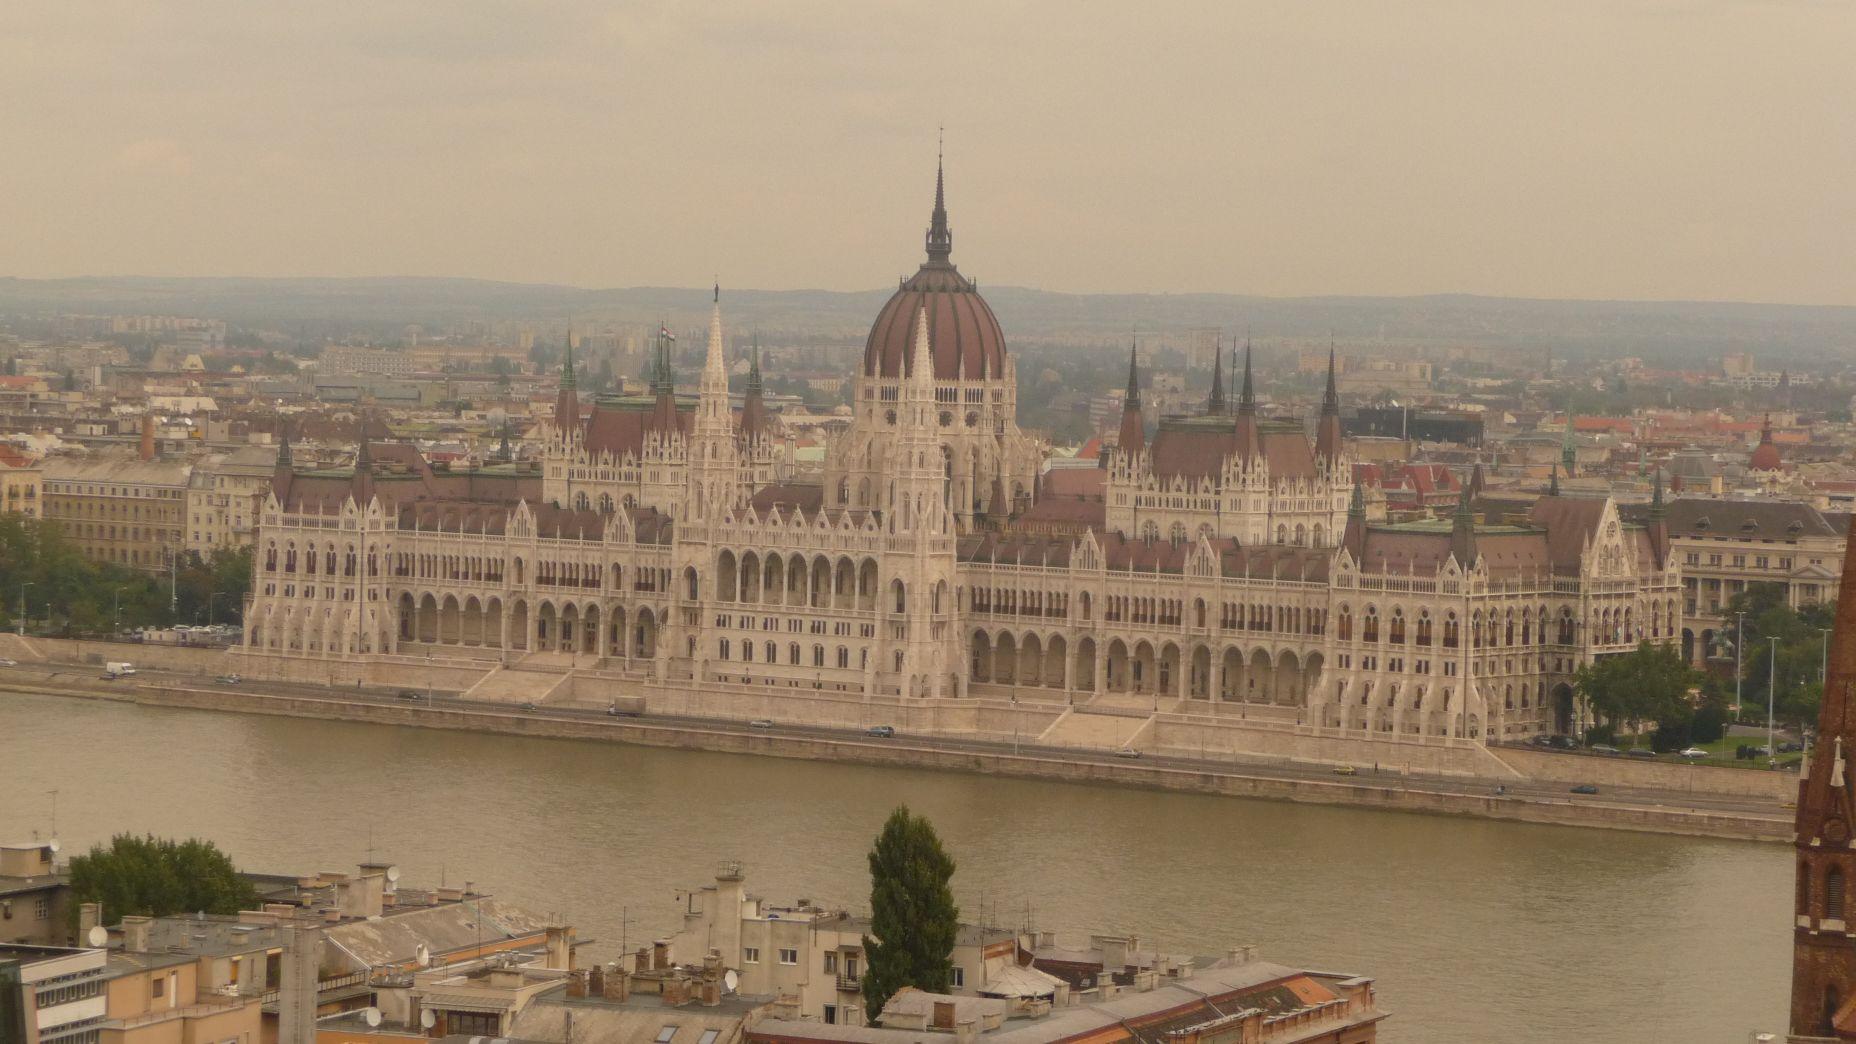 Węgry - Podstawowe informacje - przewodnik, zdjęcia, atrakcje